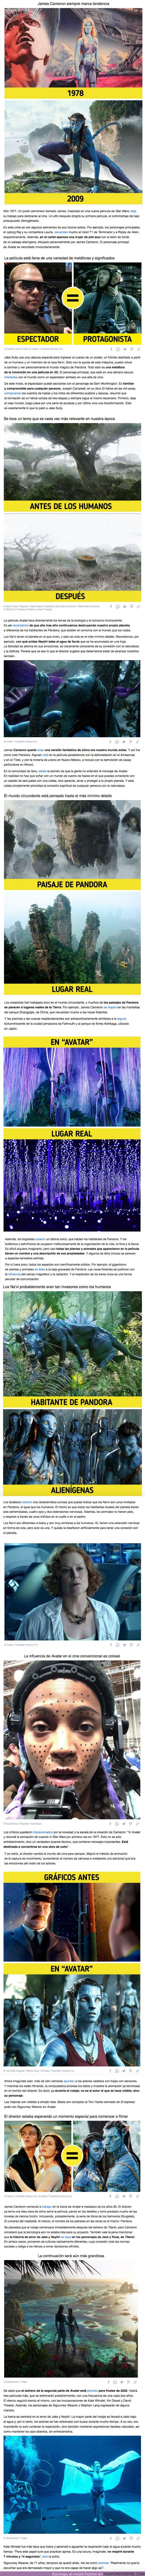 """72547 - GALERÍA: Decidimos averiguar por qué """"Avatar"""" es una película de culto y no un filme multimillonario hueco, como la mayoría cree"""